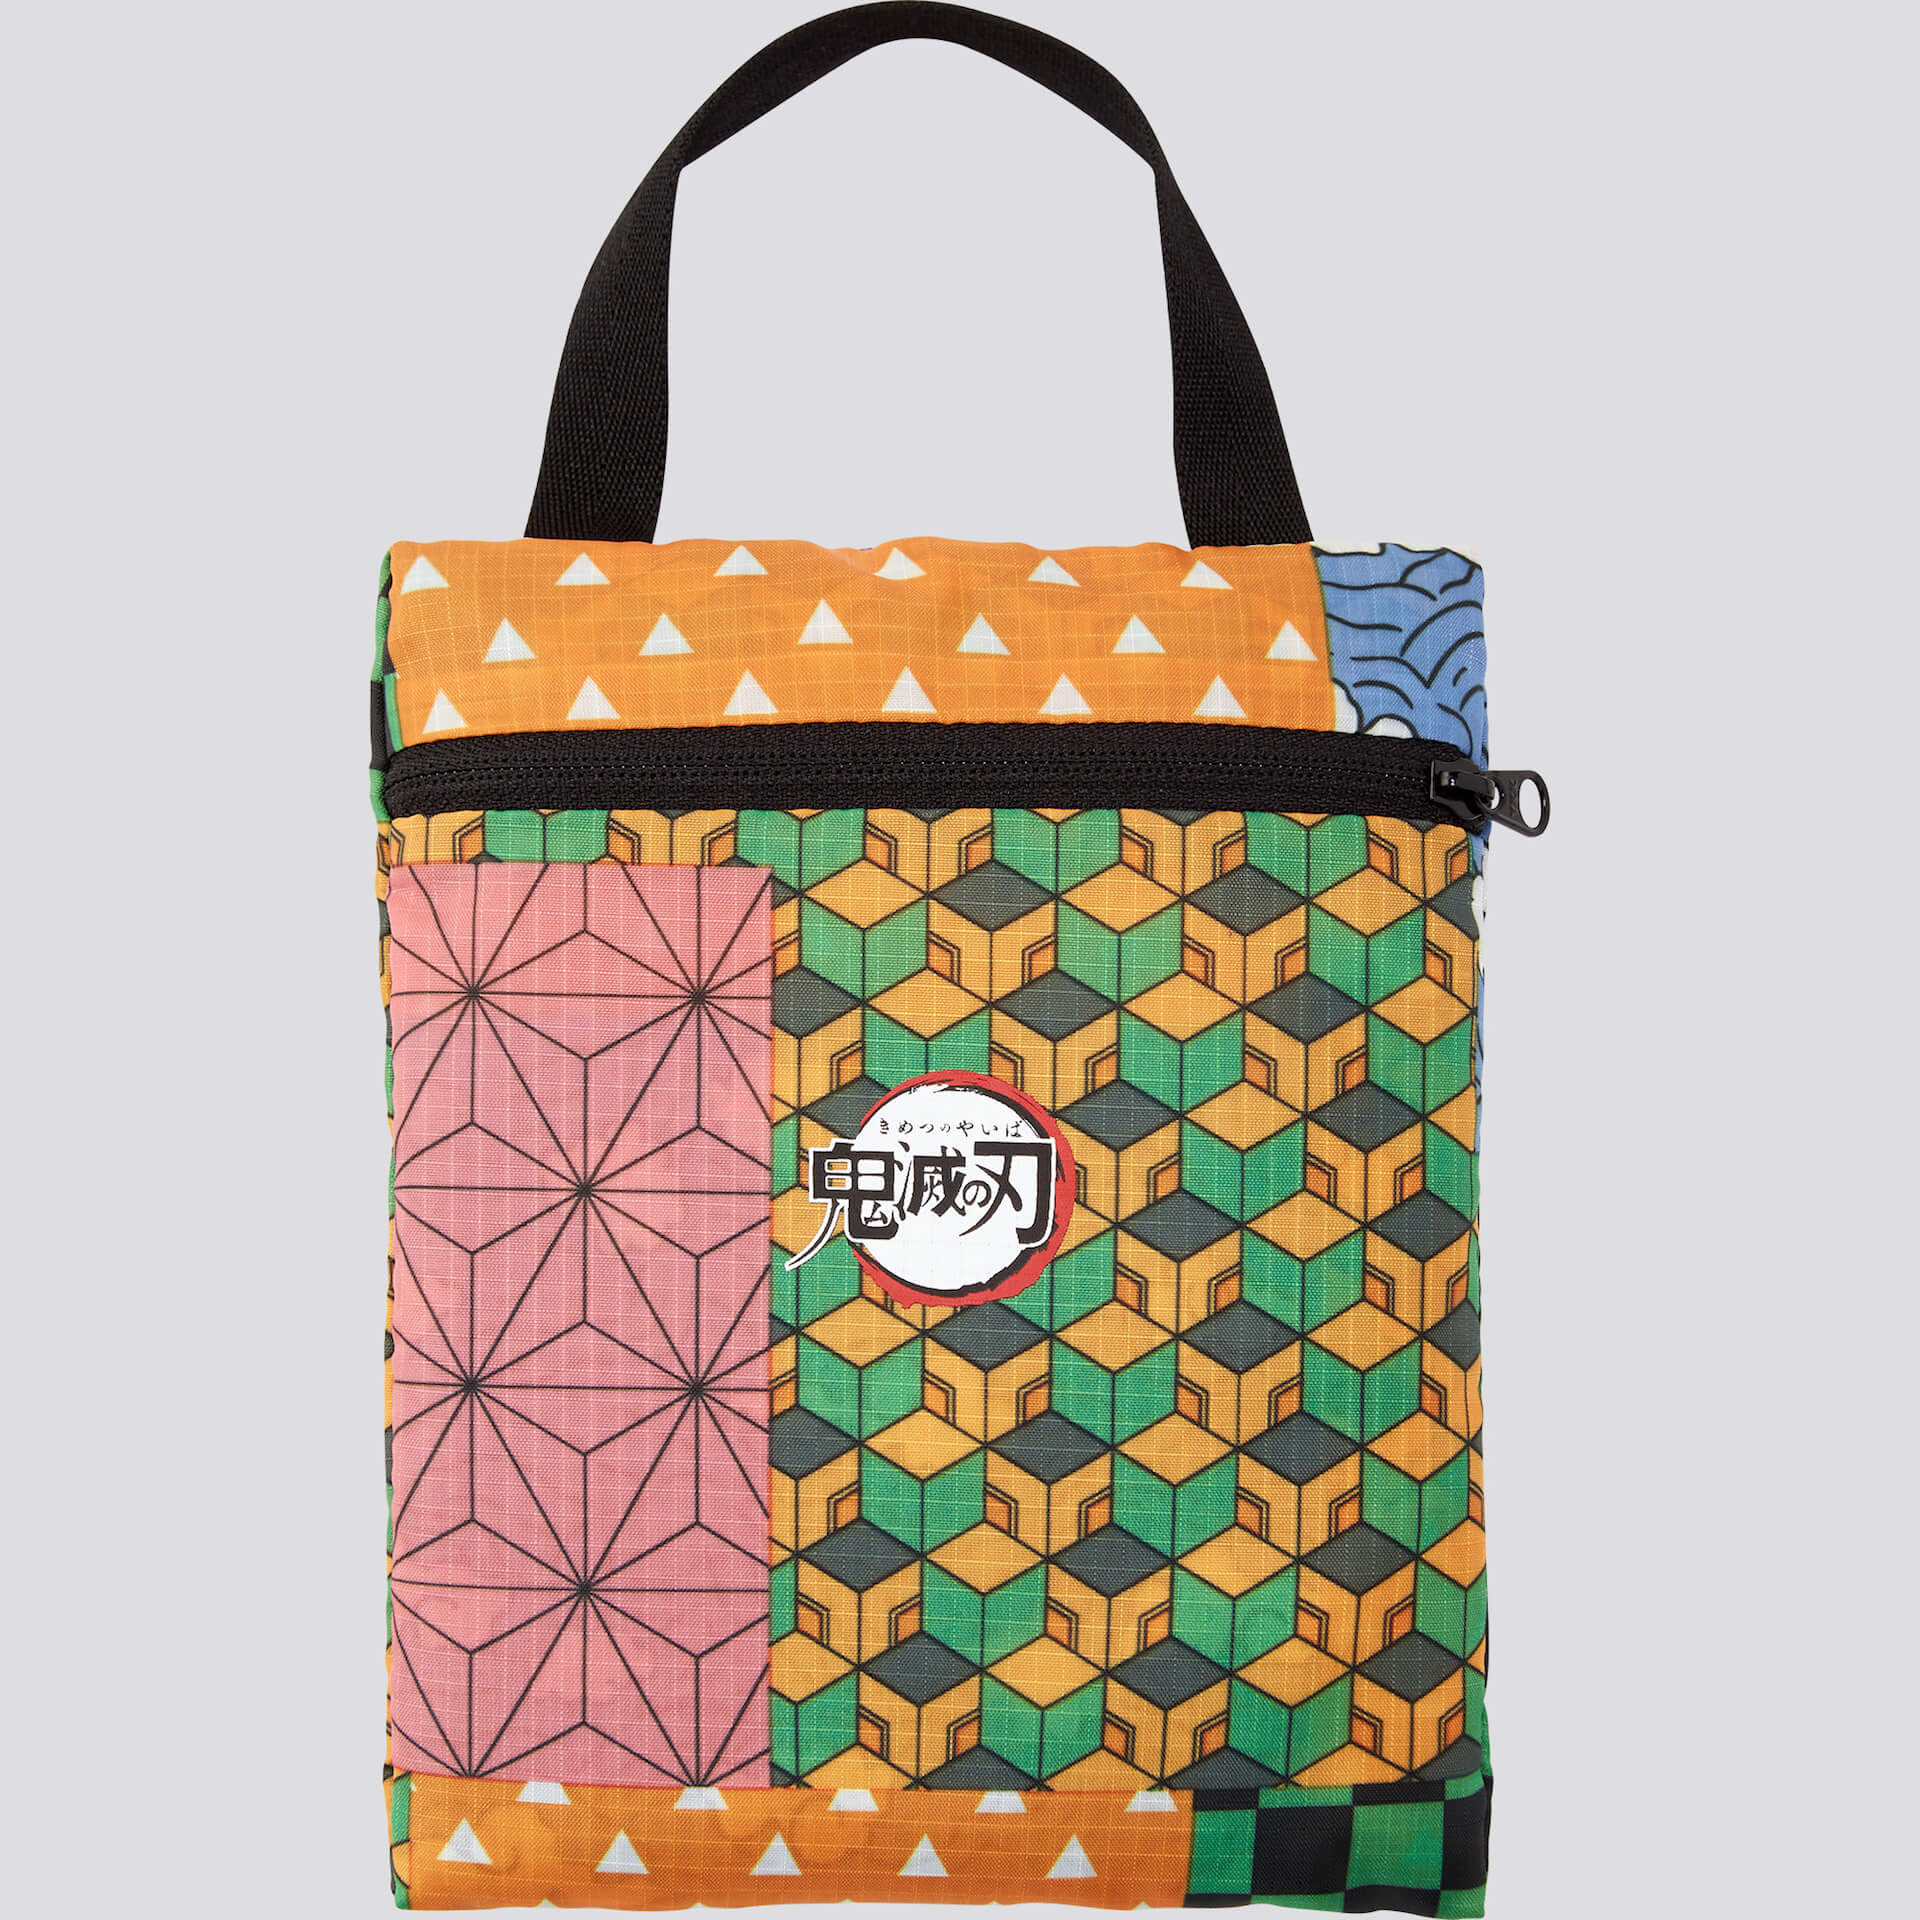 『鬼滅の刃』とユニクロ「UT」コラボ第2弾のコレクションがついに発表!着物や鍔をイメージしたバッグ&タオルも登場 life200817_kimetsu_ut_1